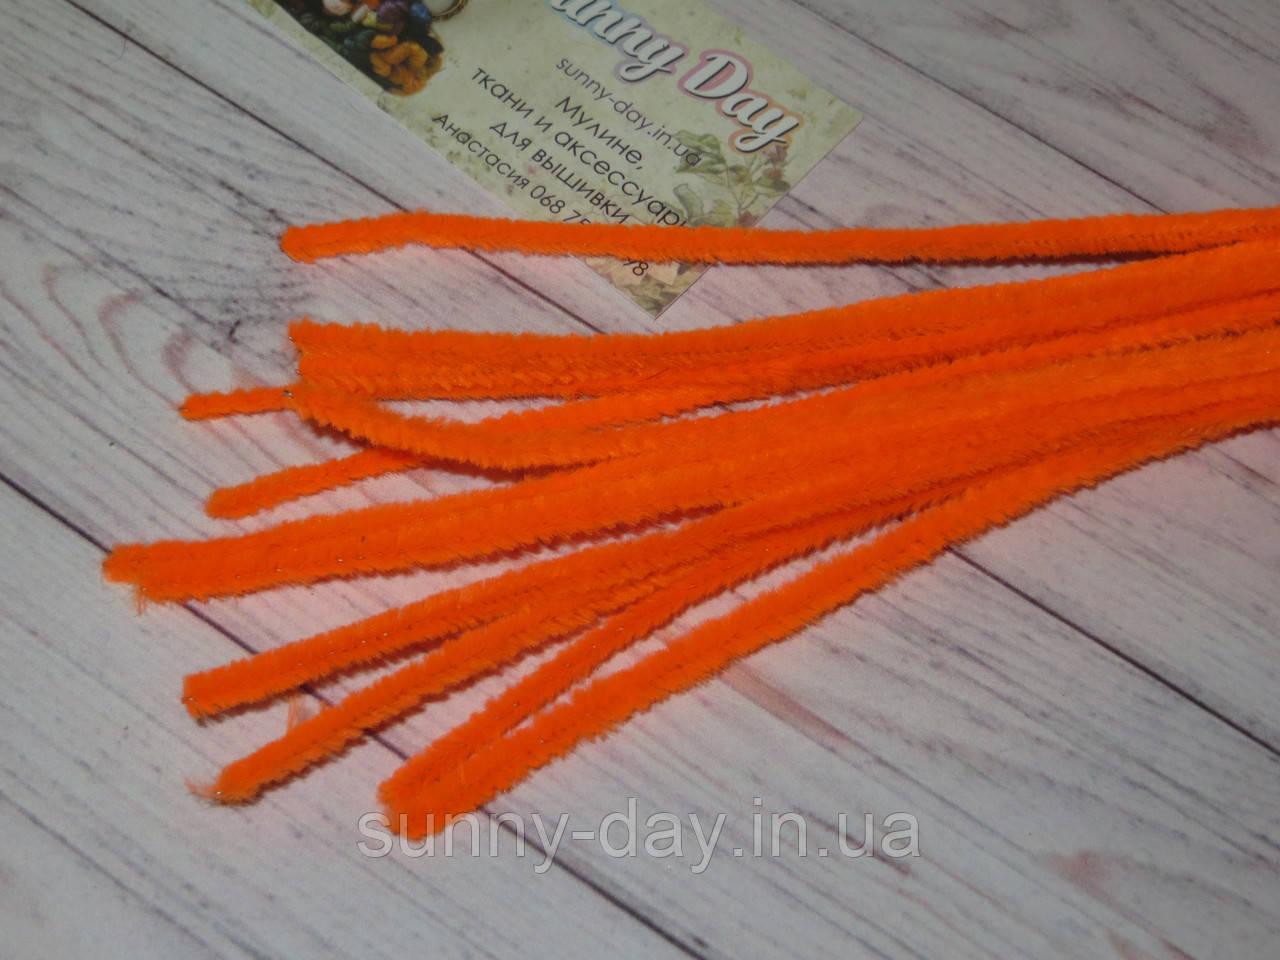 Синельная проволока, оранжевая яркая